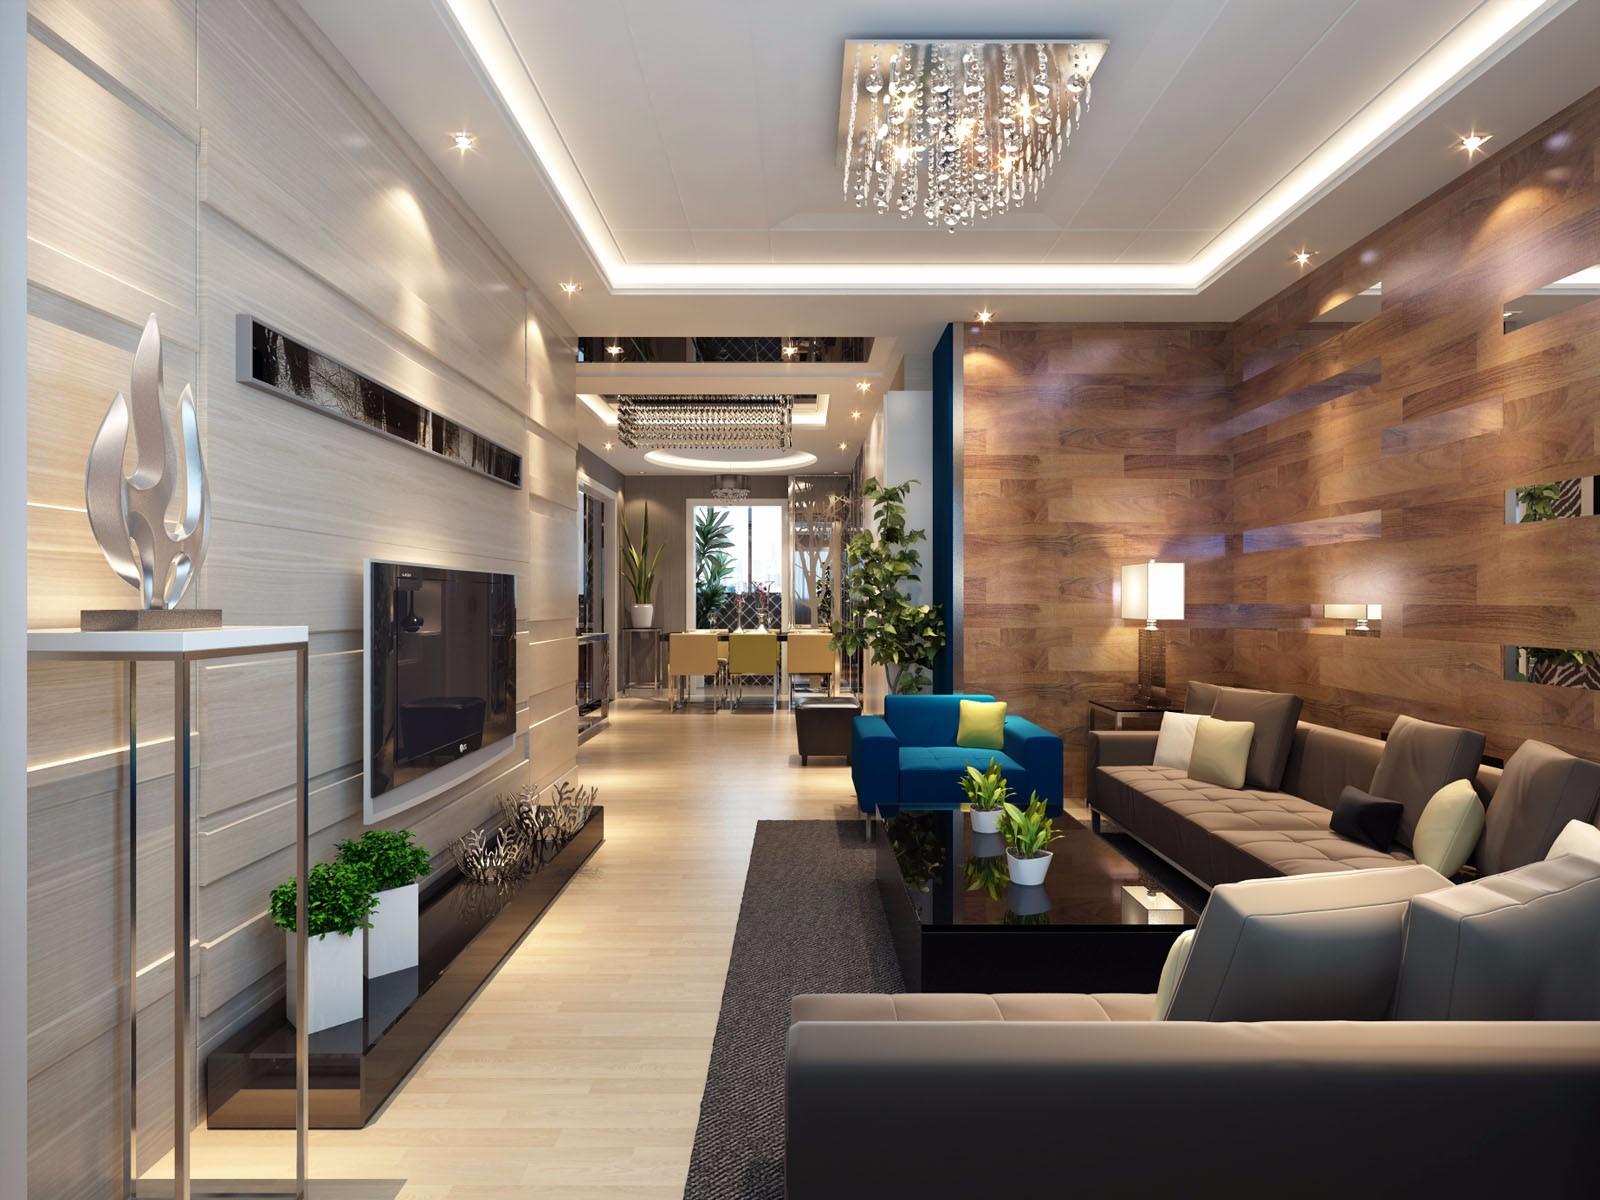 3室2卫2厅94平米现代风格